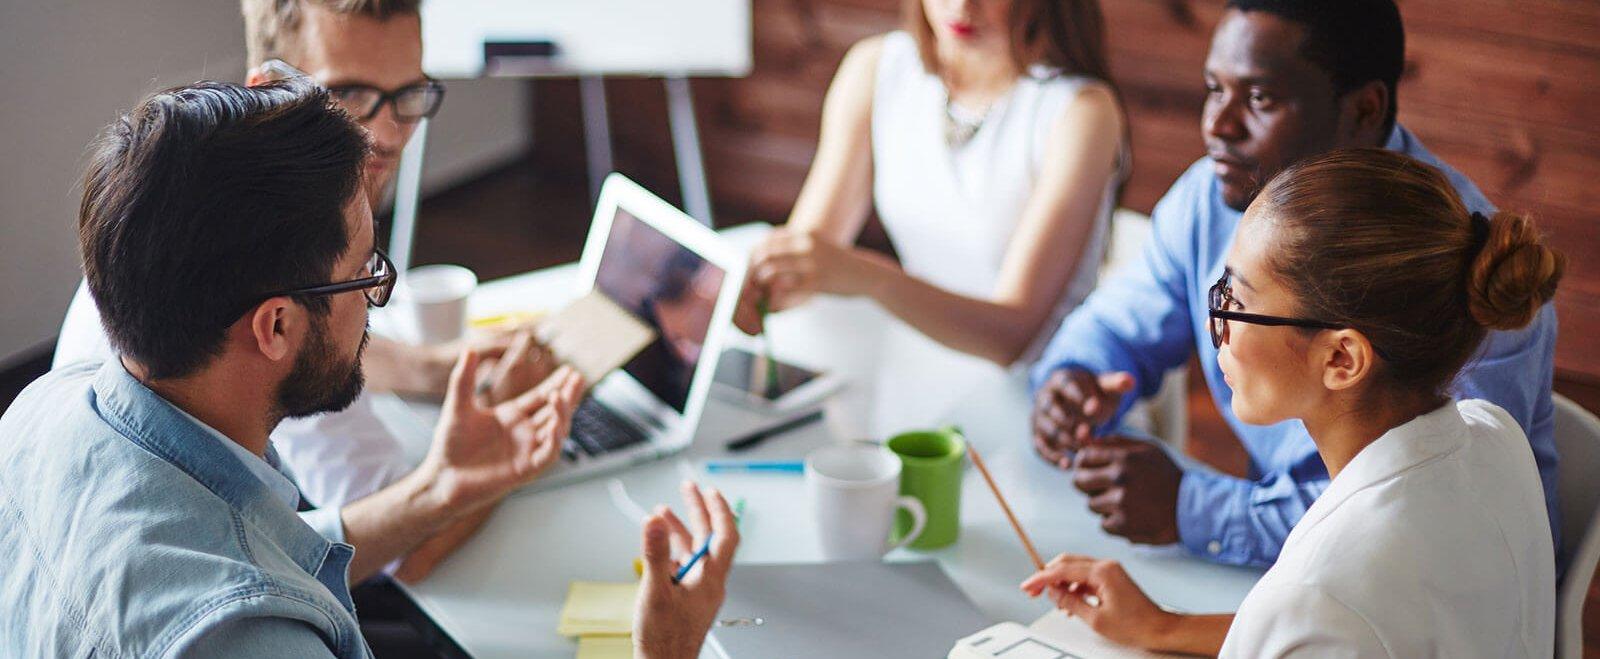 Meetings - Produktivitätskiller oder Projekthilfe?